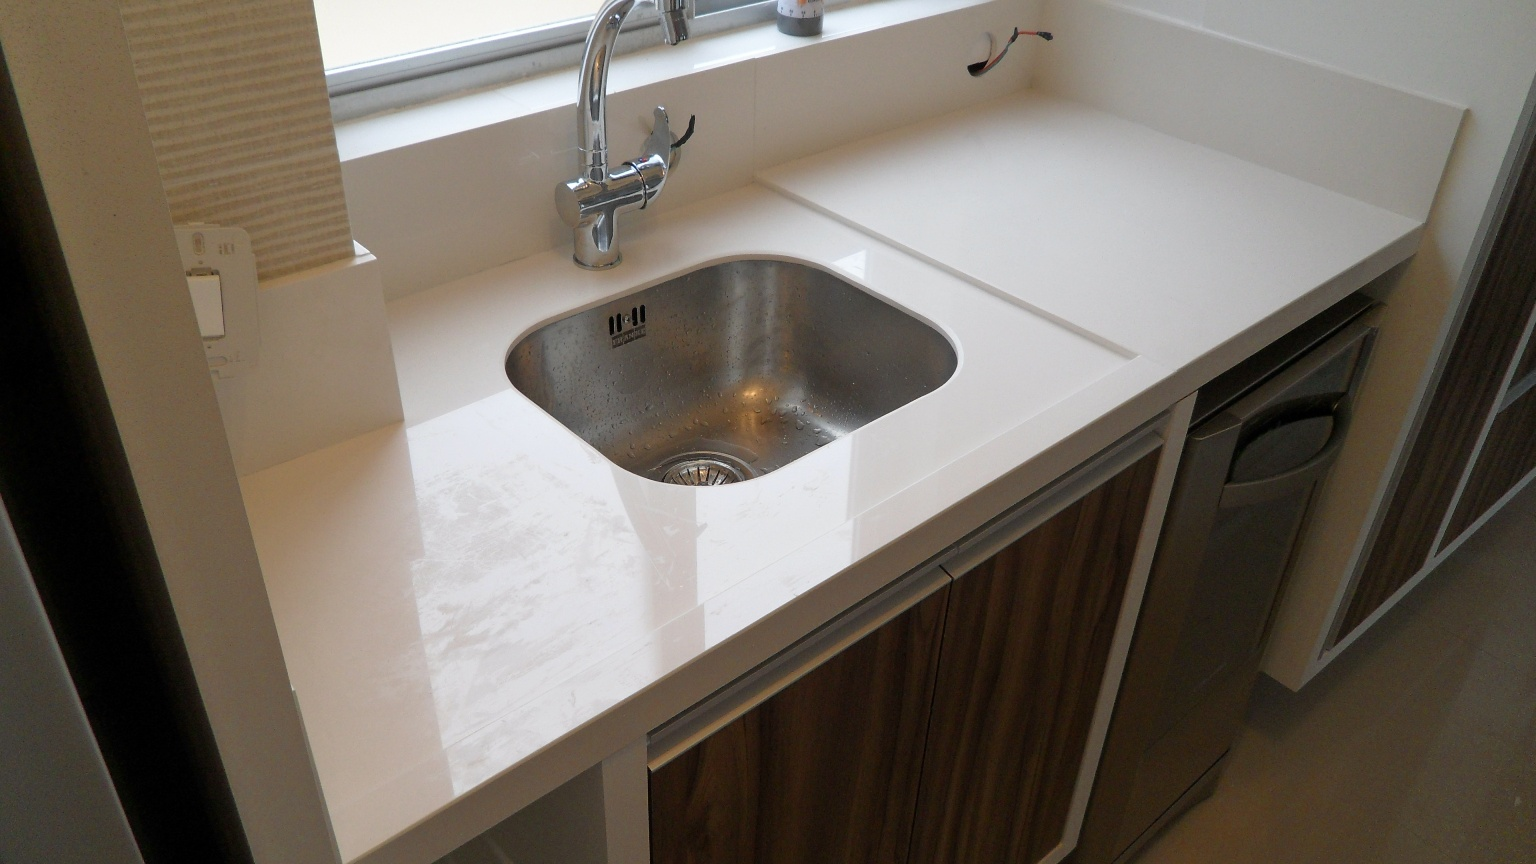 #2C241B  porcelanato.: Bancada cozinha com ilha e cooktop. Porcelanato 1536x864 px Bancada De Cozinha Americana De Porcelanato #1349 imagens